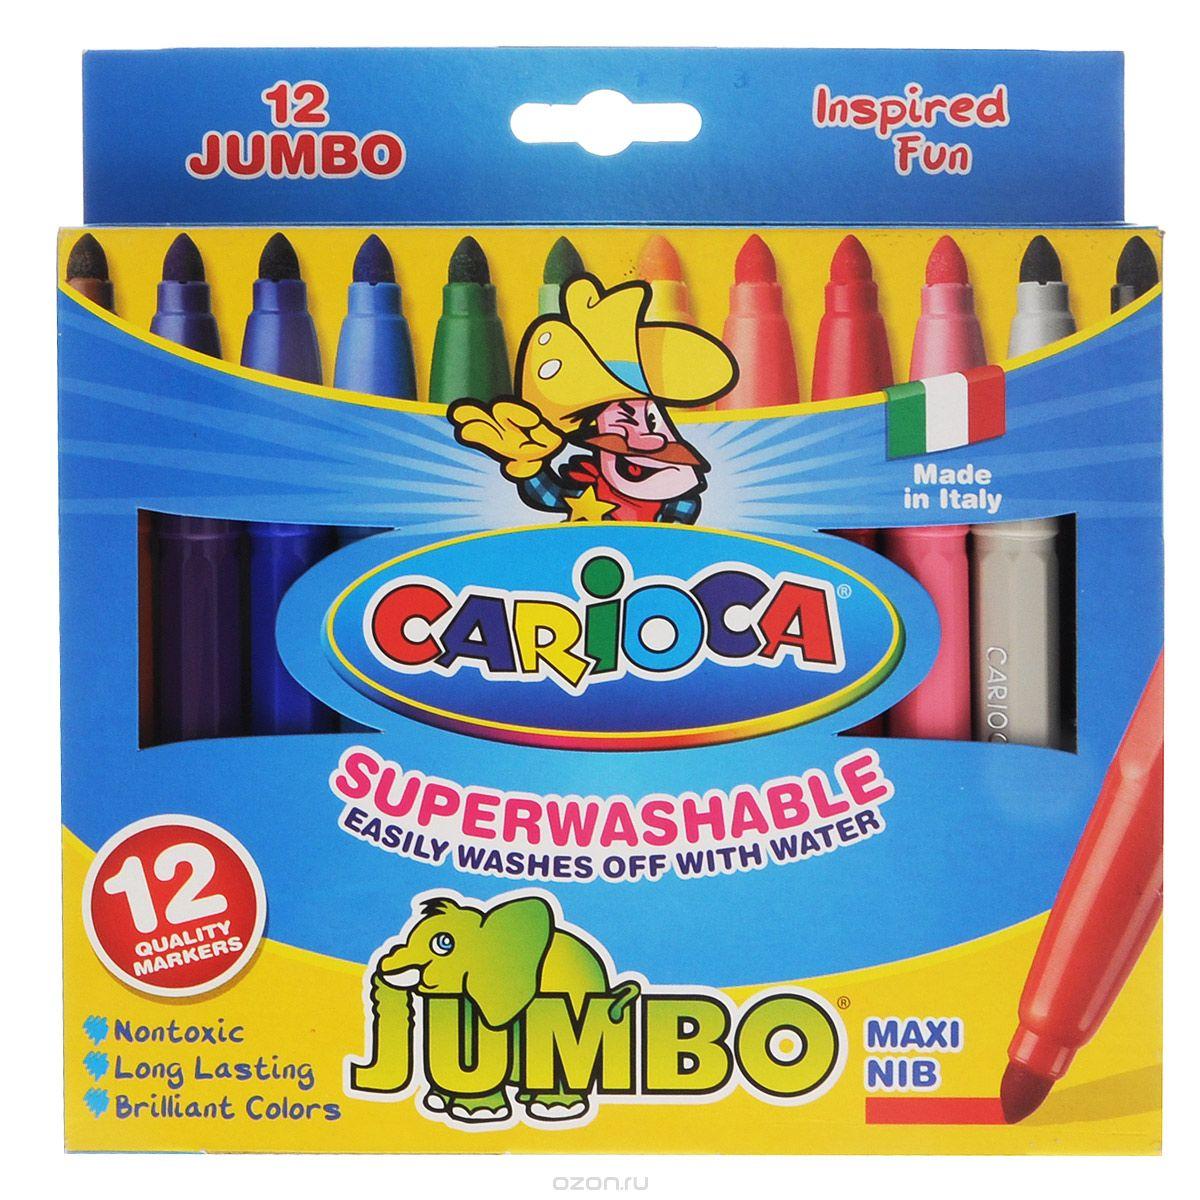 Набор фломастеров Carioca Jumbo, 12 цветов72523WDФломастеры Carioca Jumbo, непременно, понравятся вашему юному художнику.Набор включает в себя 6 ярких цветных фломастеров в удобном утолщенном корпусе с чернилами на водной основе и безопасными вентилируемыми колпачками. Такие фломастеры идеально подходят для малышей.Порадуйте своего ребенка таким замечательным подарком! Характеристики:Длина фломастера: 14 см.Диаметр фломастера: 1,2 см.Диаметр наконечника: 0,4 см. Размер упаковки: 17,5 см х 15 см х 1,5 см.